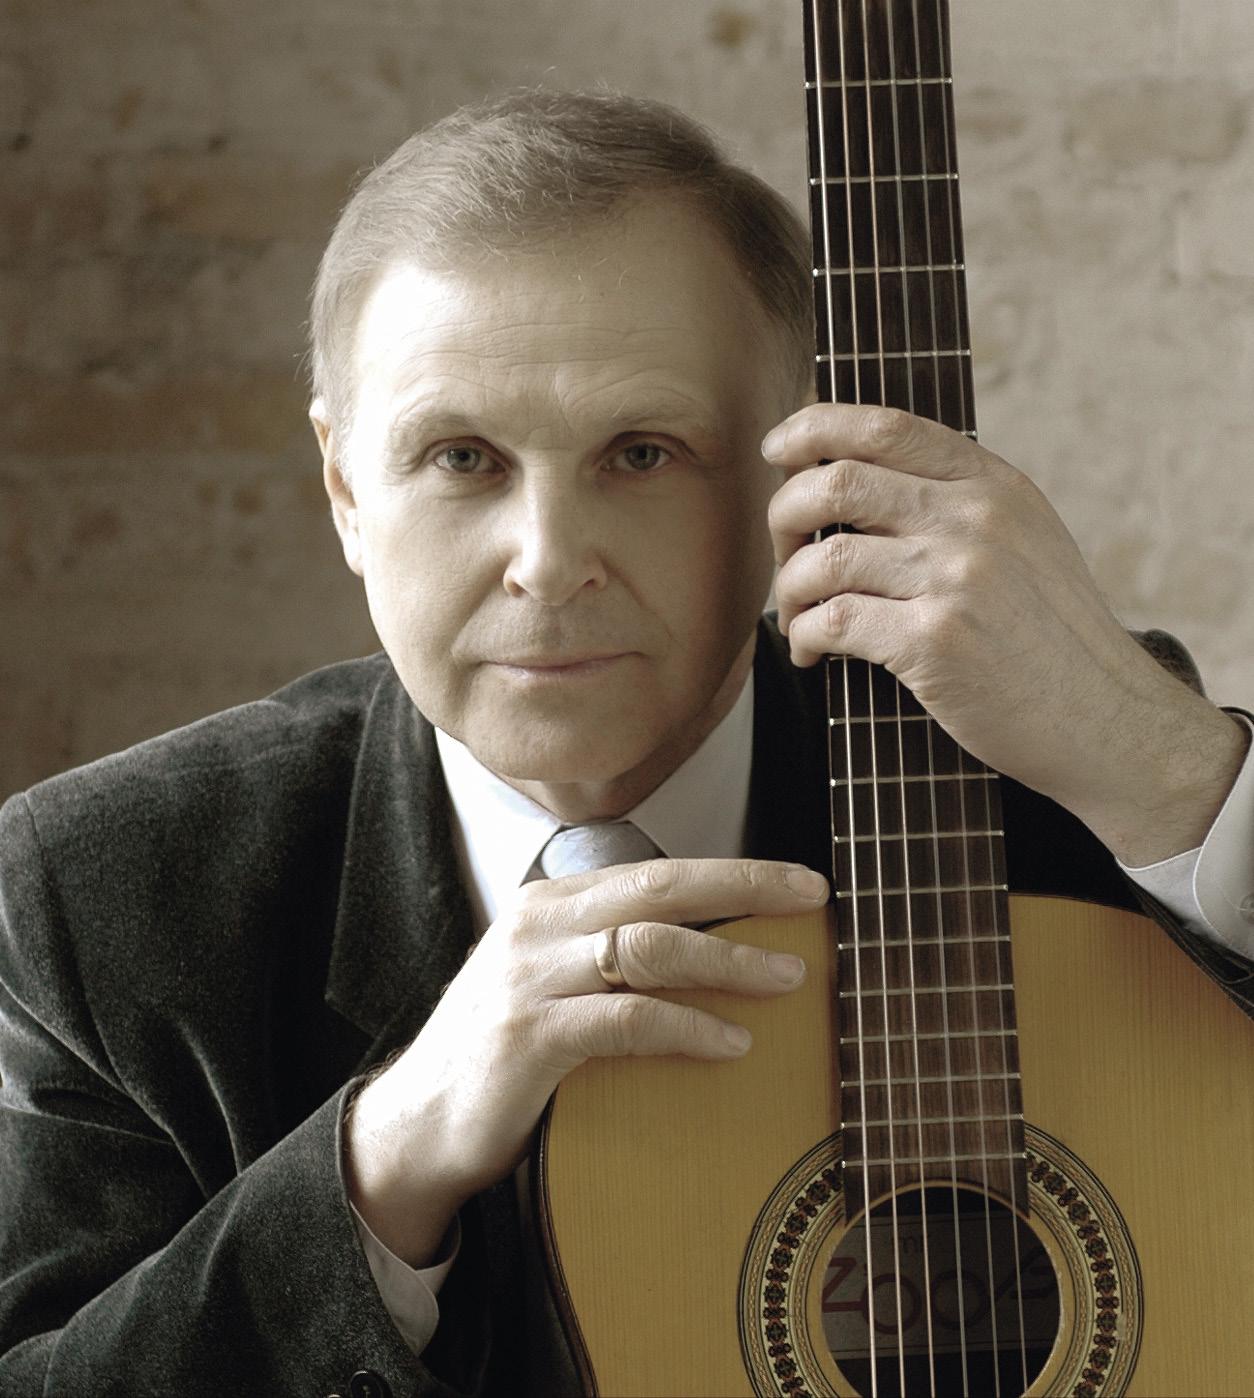 Тяжелая болезнь свела в могилу 60-летнего украинского поэта и композитора Владимира Шинкарука